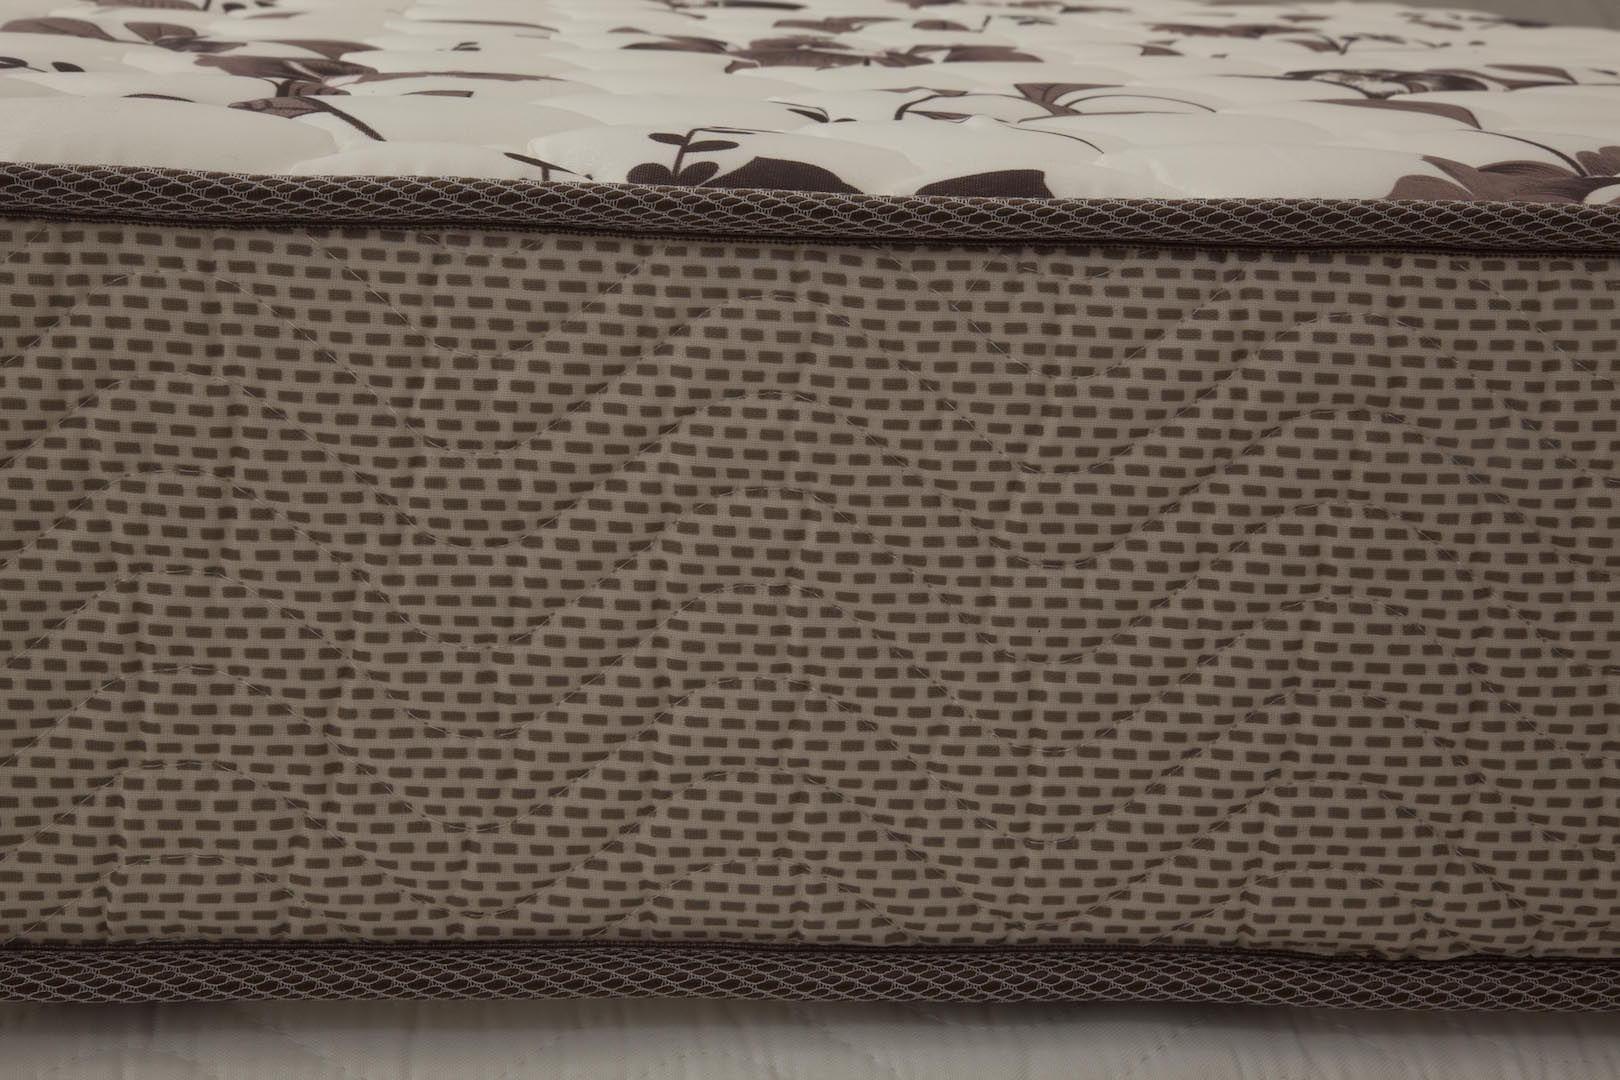 Colchao Physical Mega Resistente Solteirao 108 cm (LARG) Branco - 52719